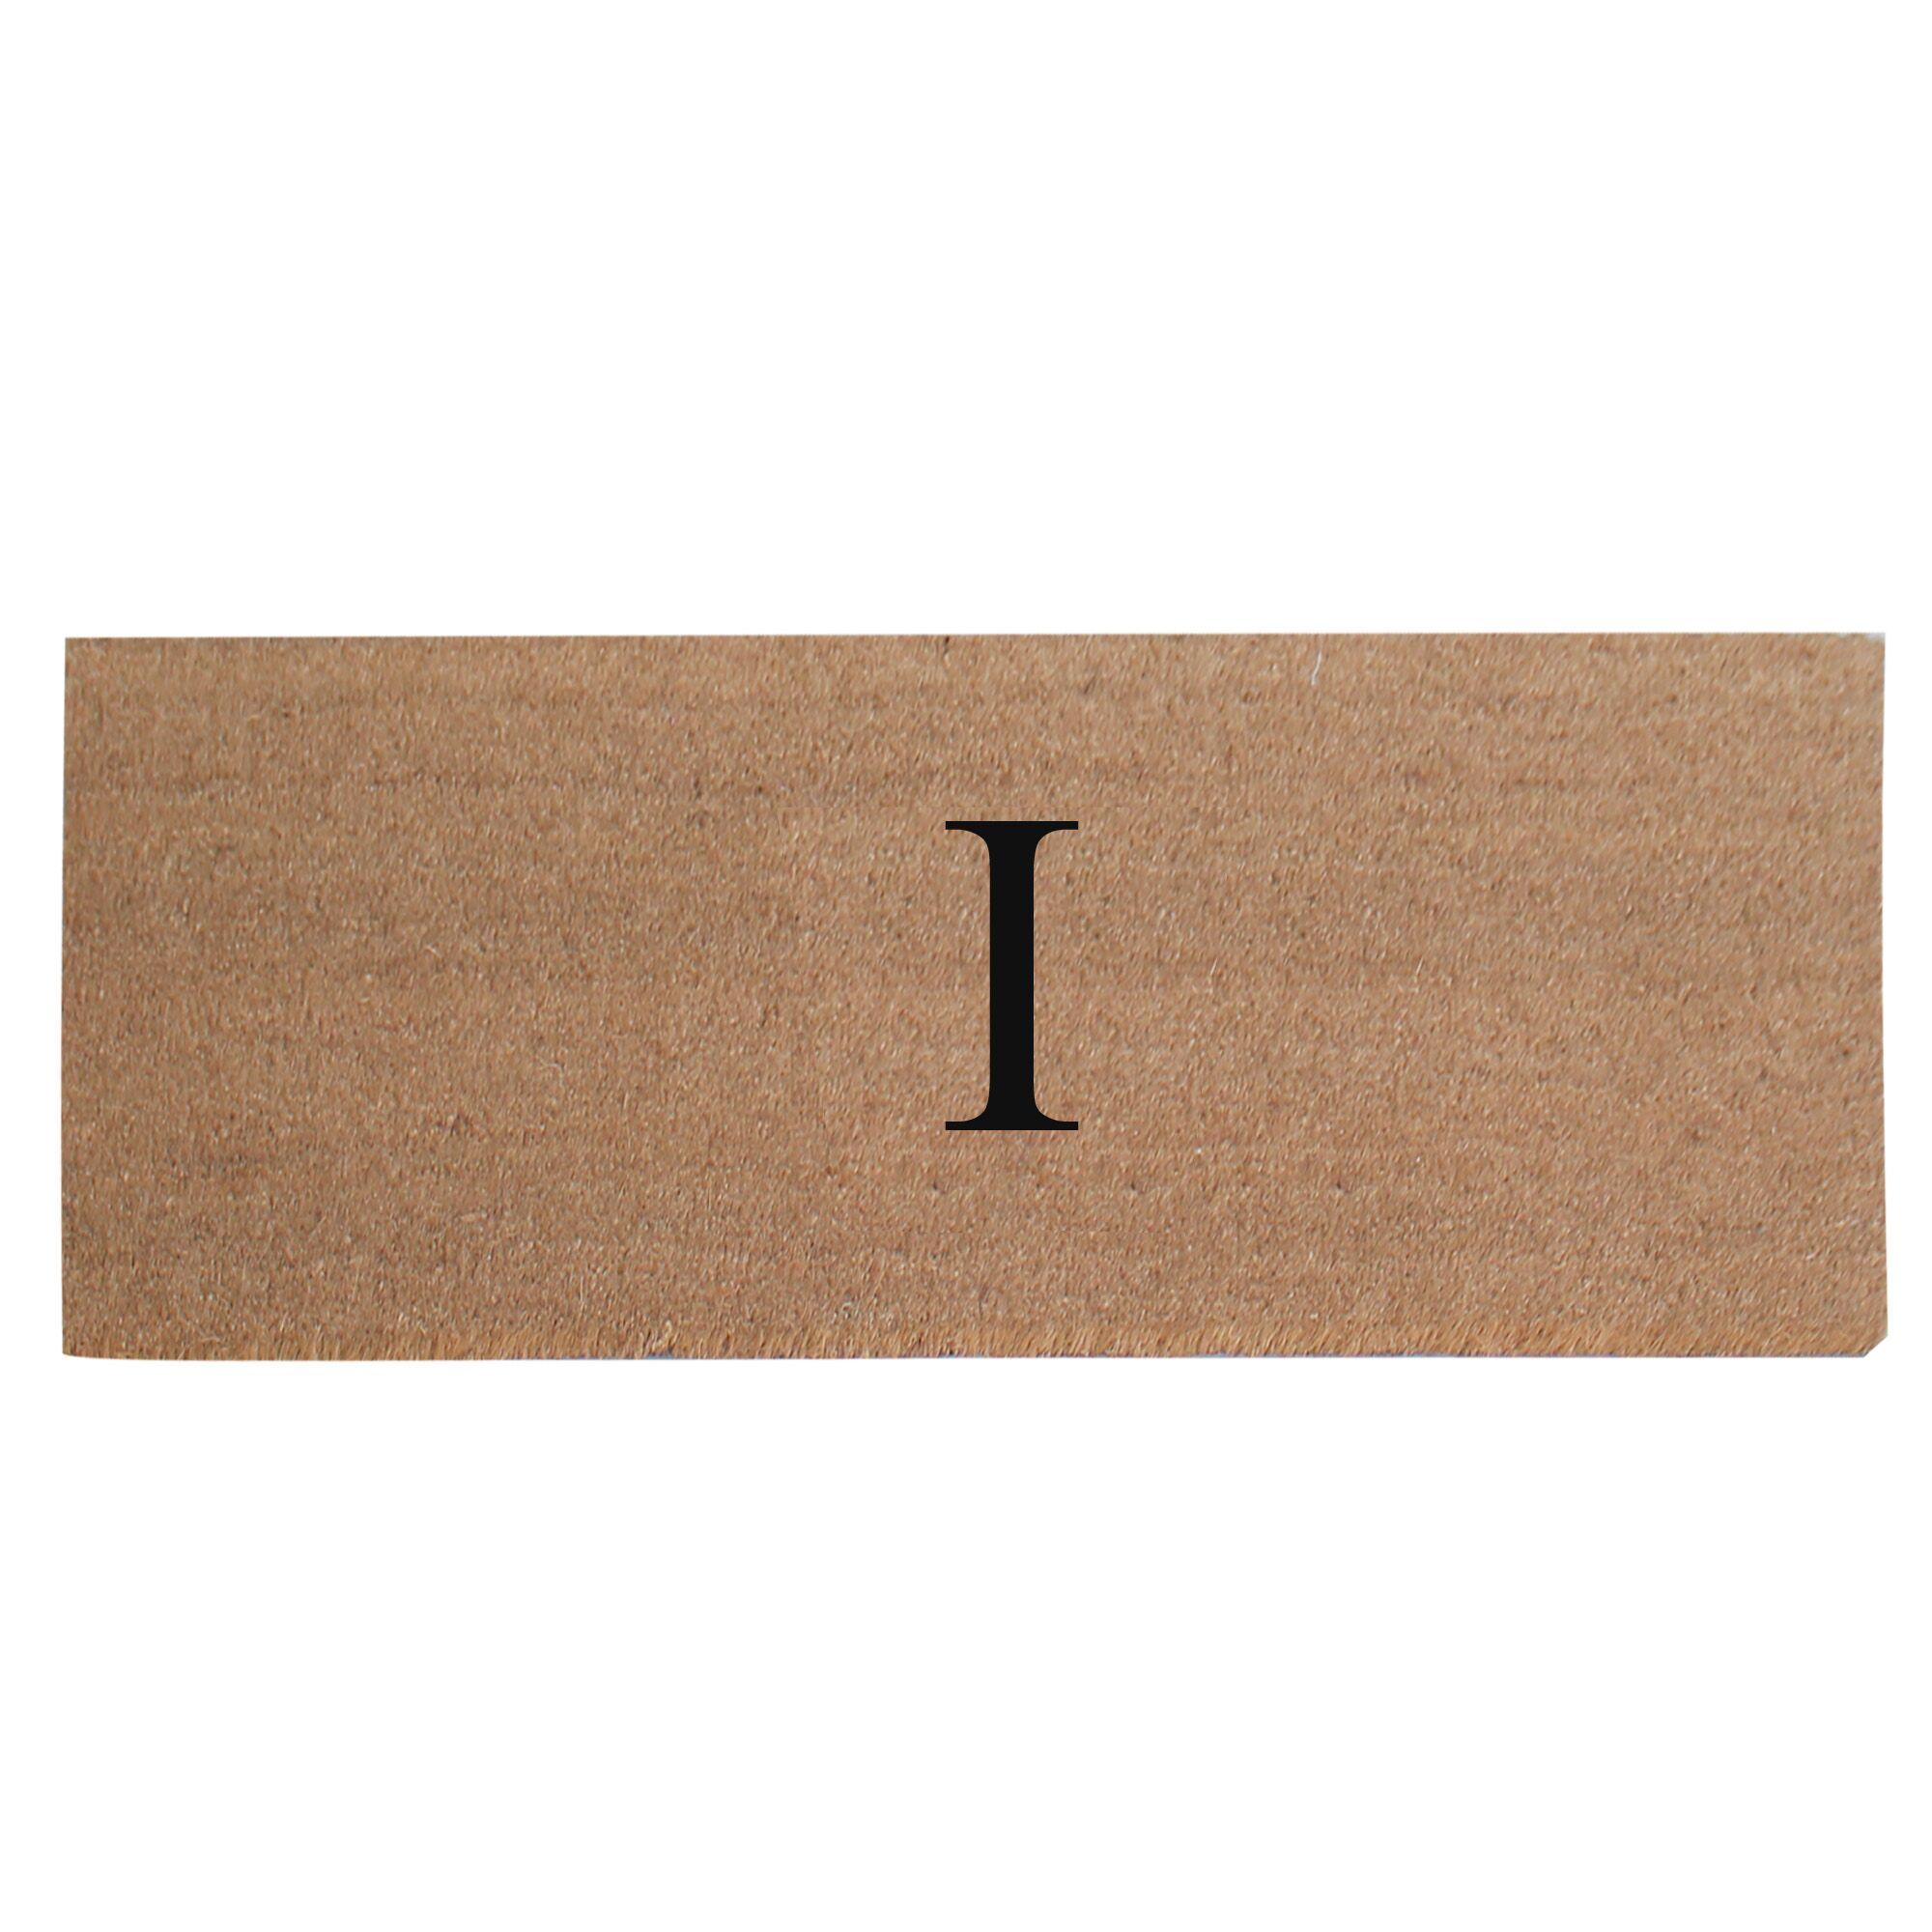 First Impression Plain Coir Doormat Letter: I